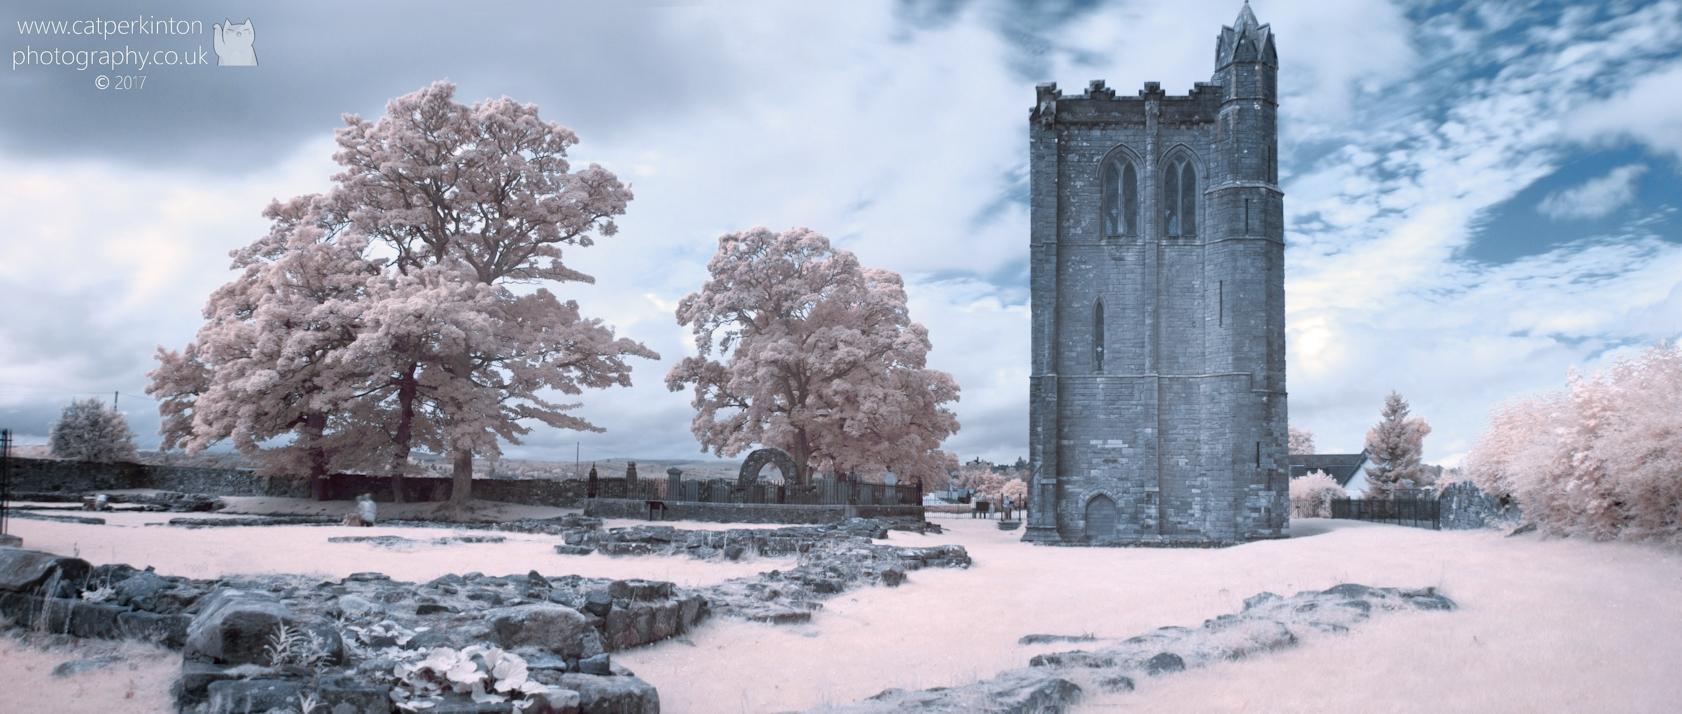 Cambuskenneth Abbey 1